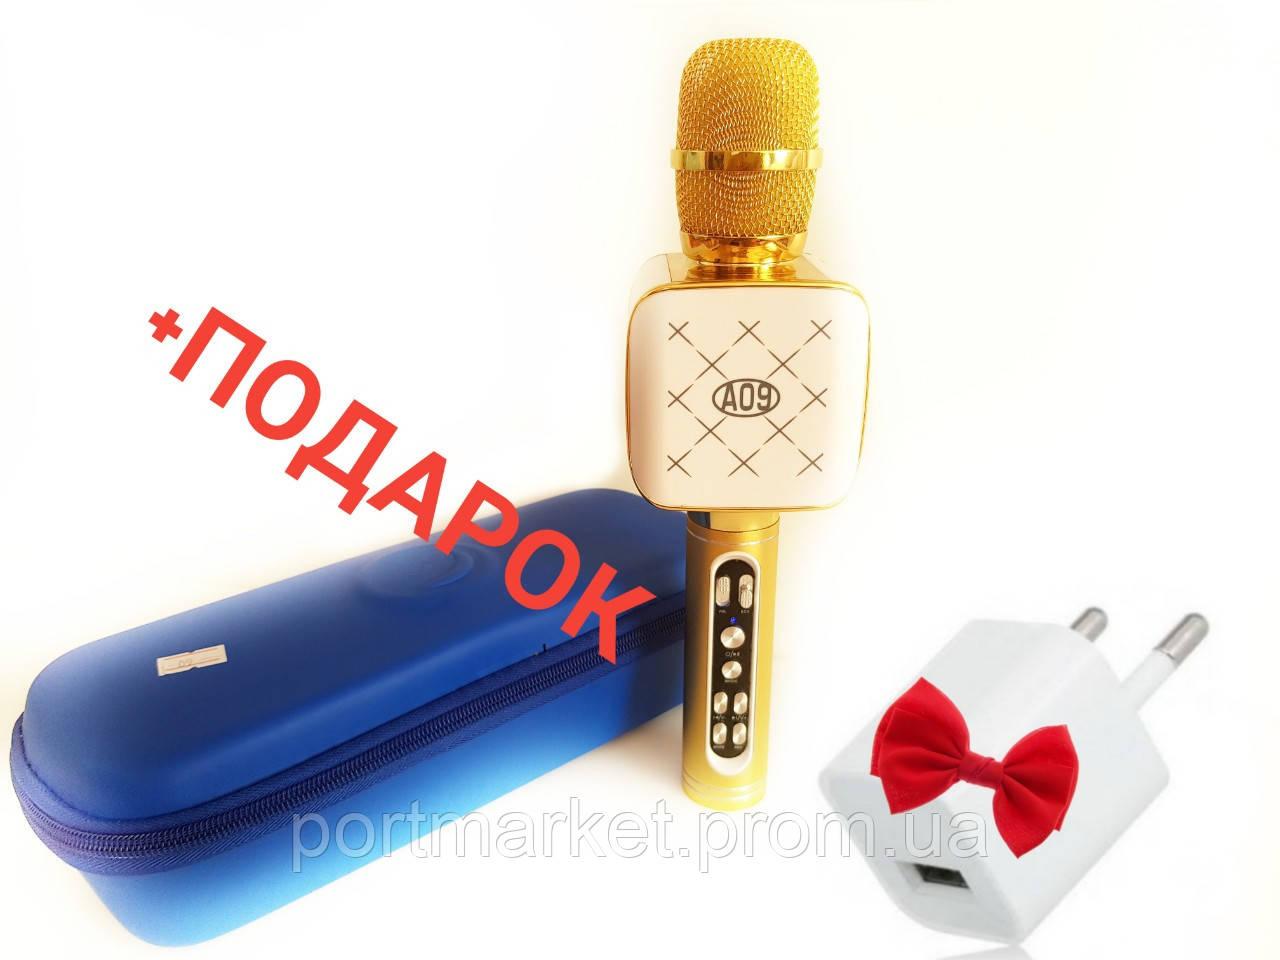 Беспроводной микрофон караоке bluetooth  A-09